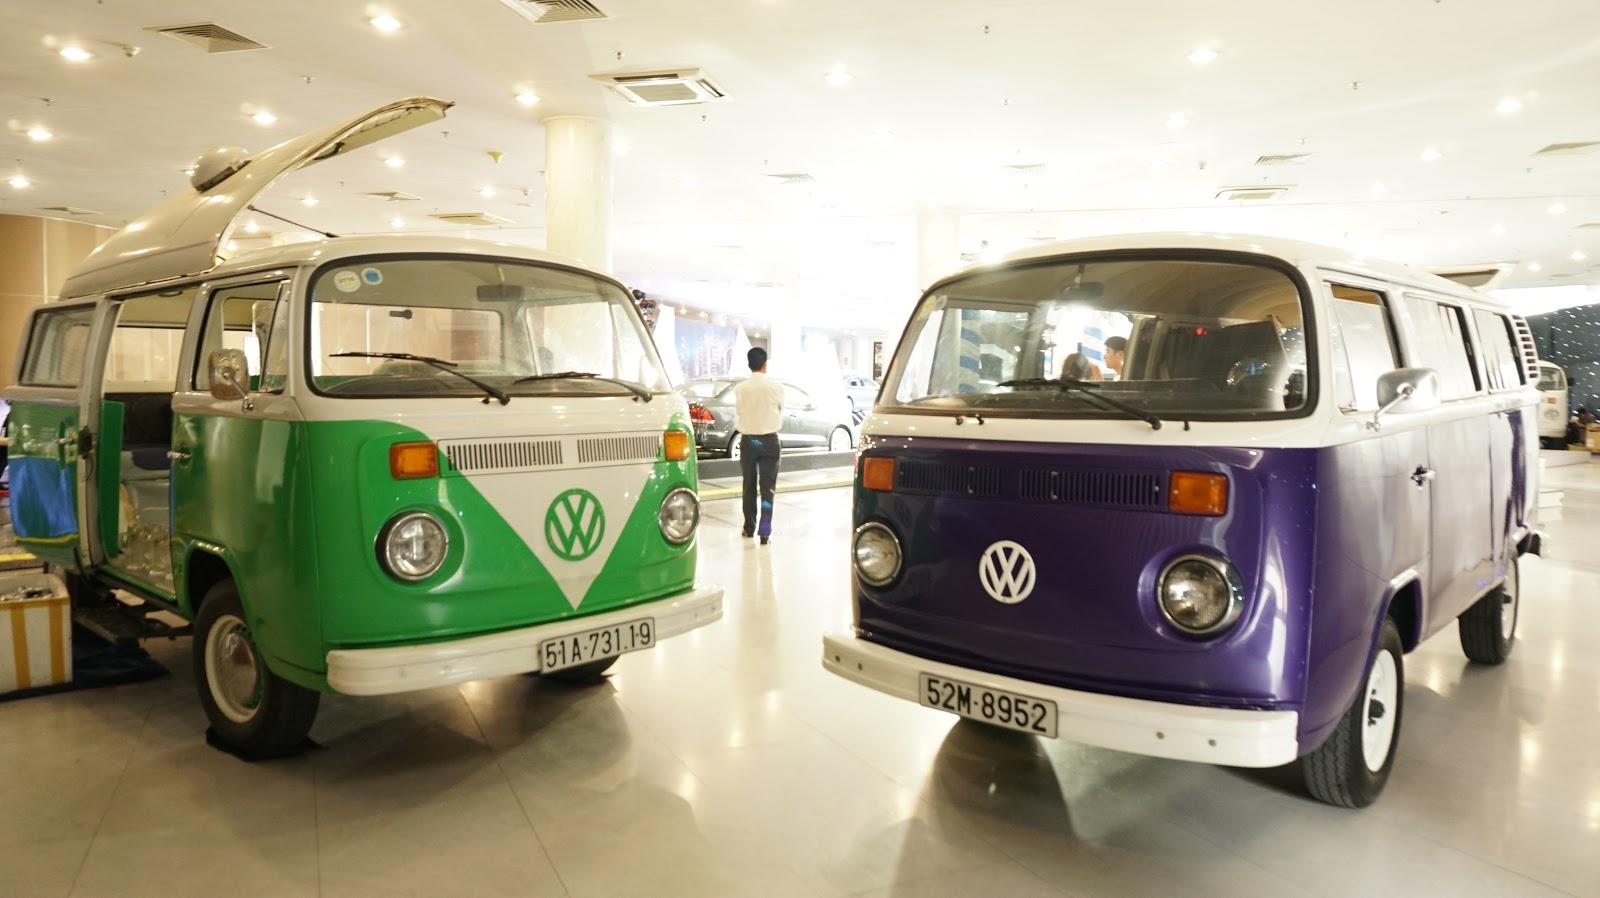 Chẳng ai còn lạ gì những chiếc Volkswagen Kombi tung hoành ngang dọc miền Nam một thời